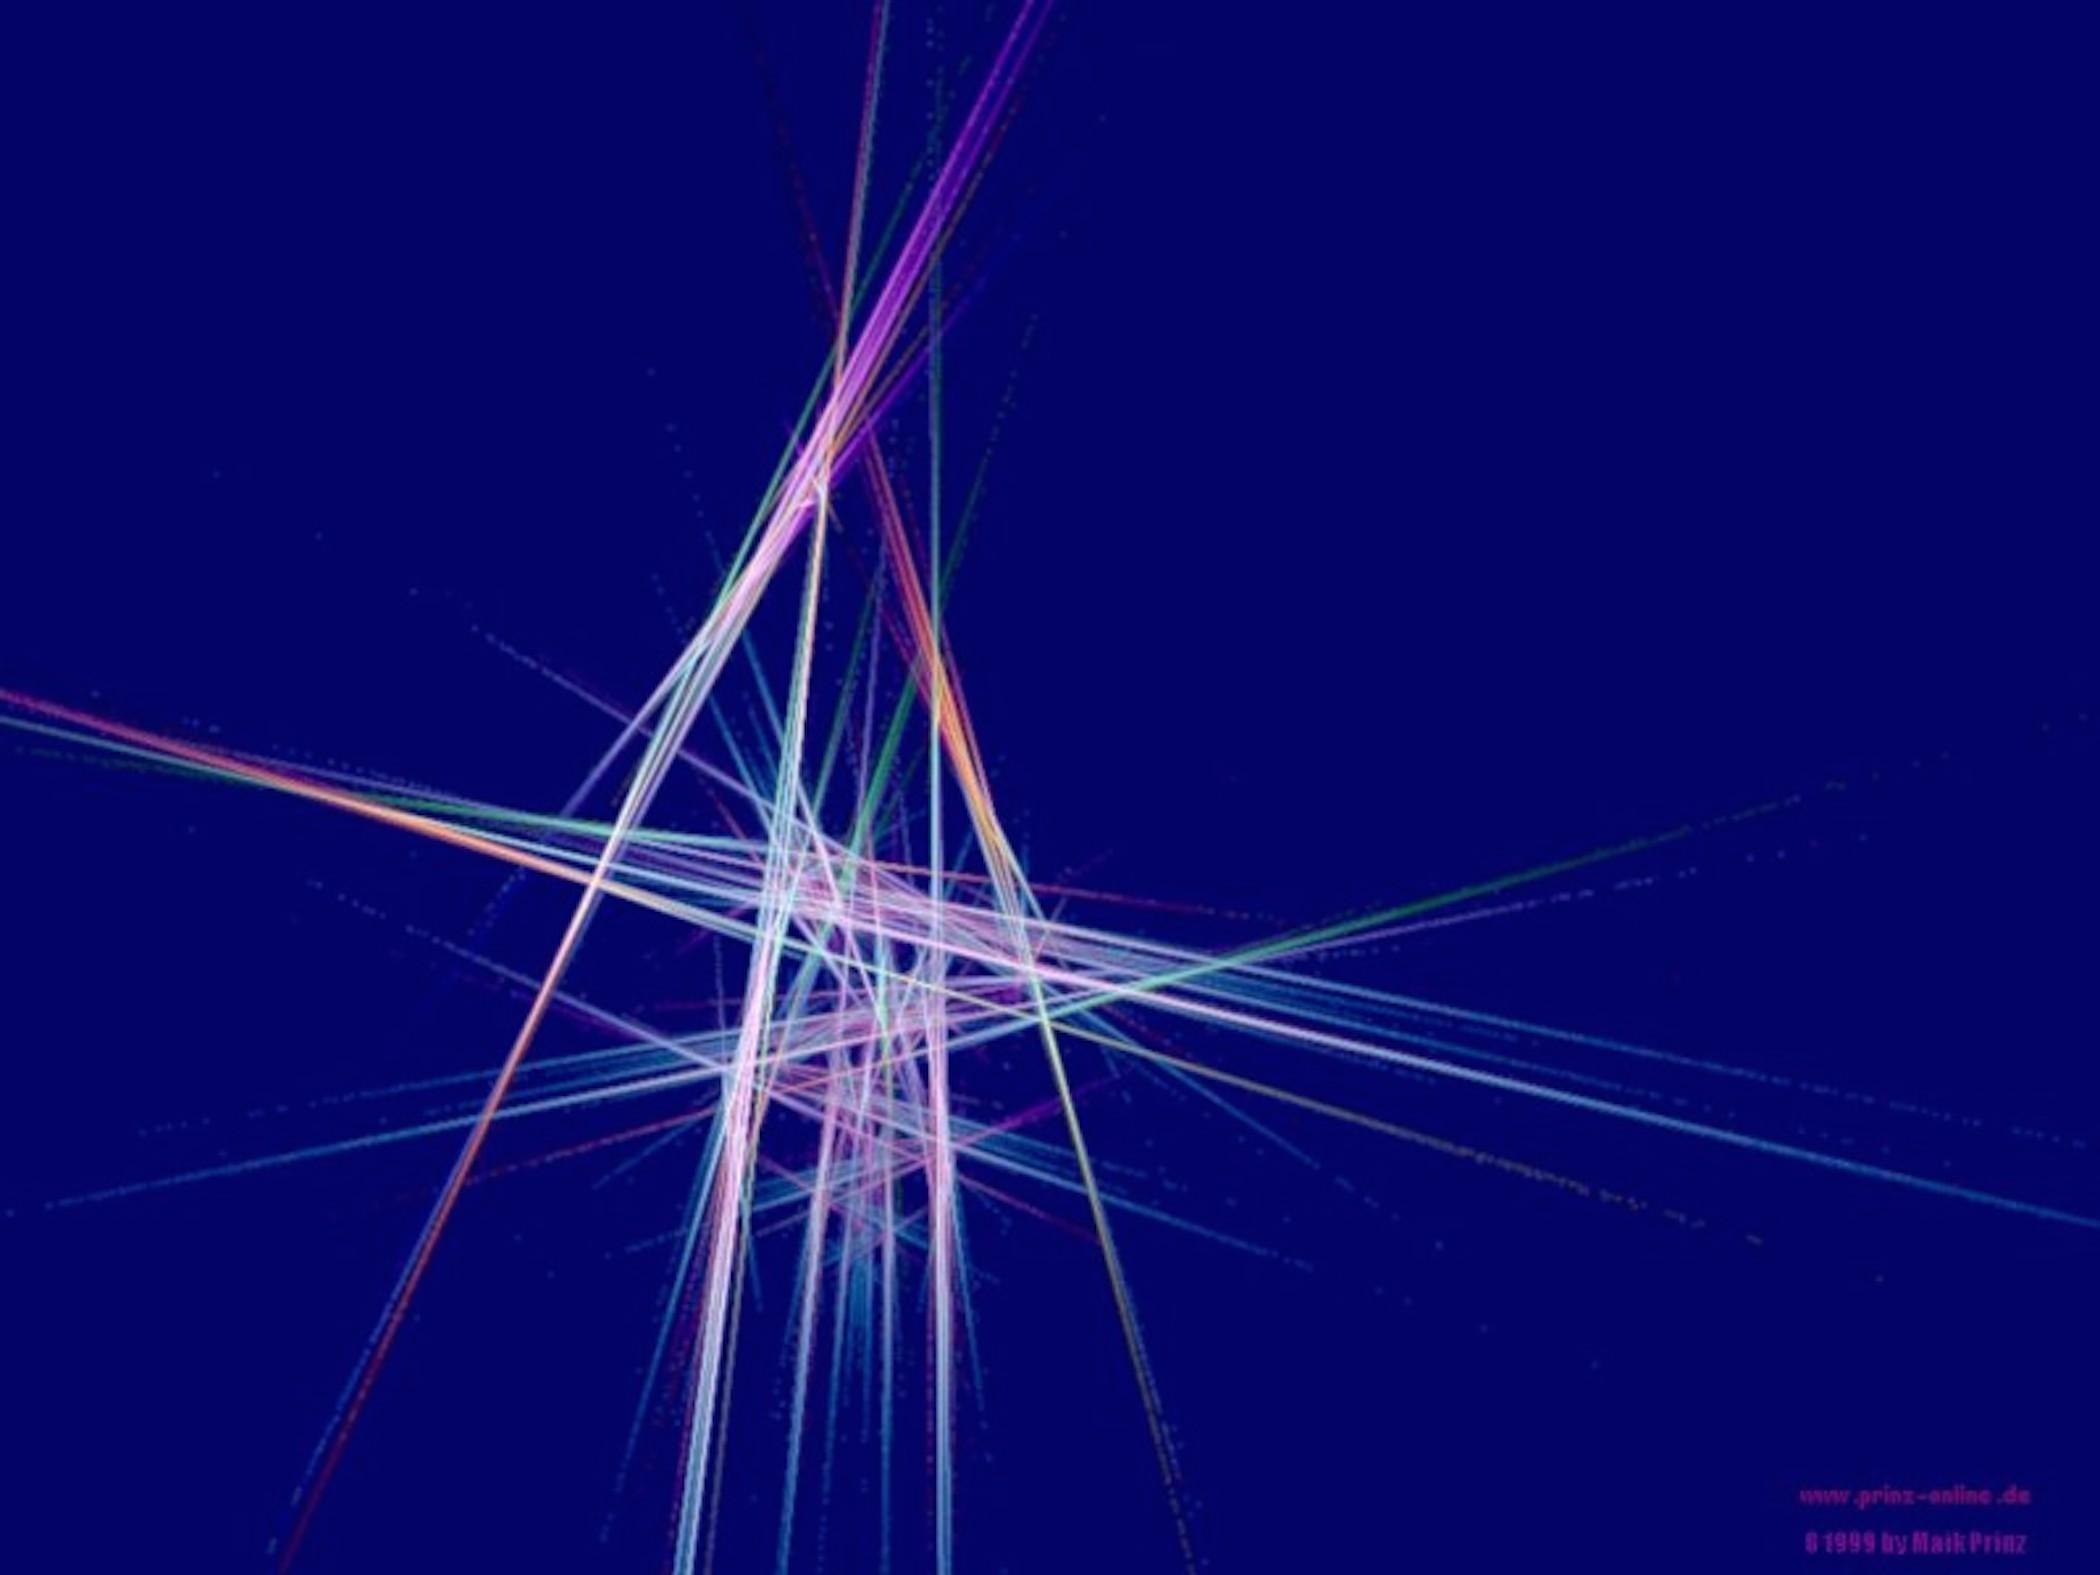 Light Beam Wallpaper   Free 3D Screensavers